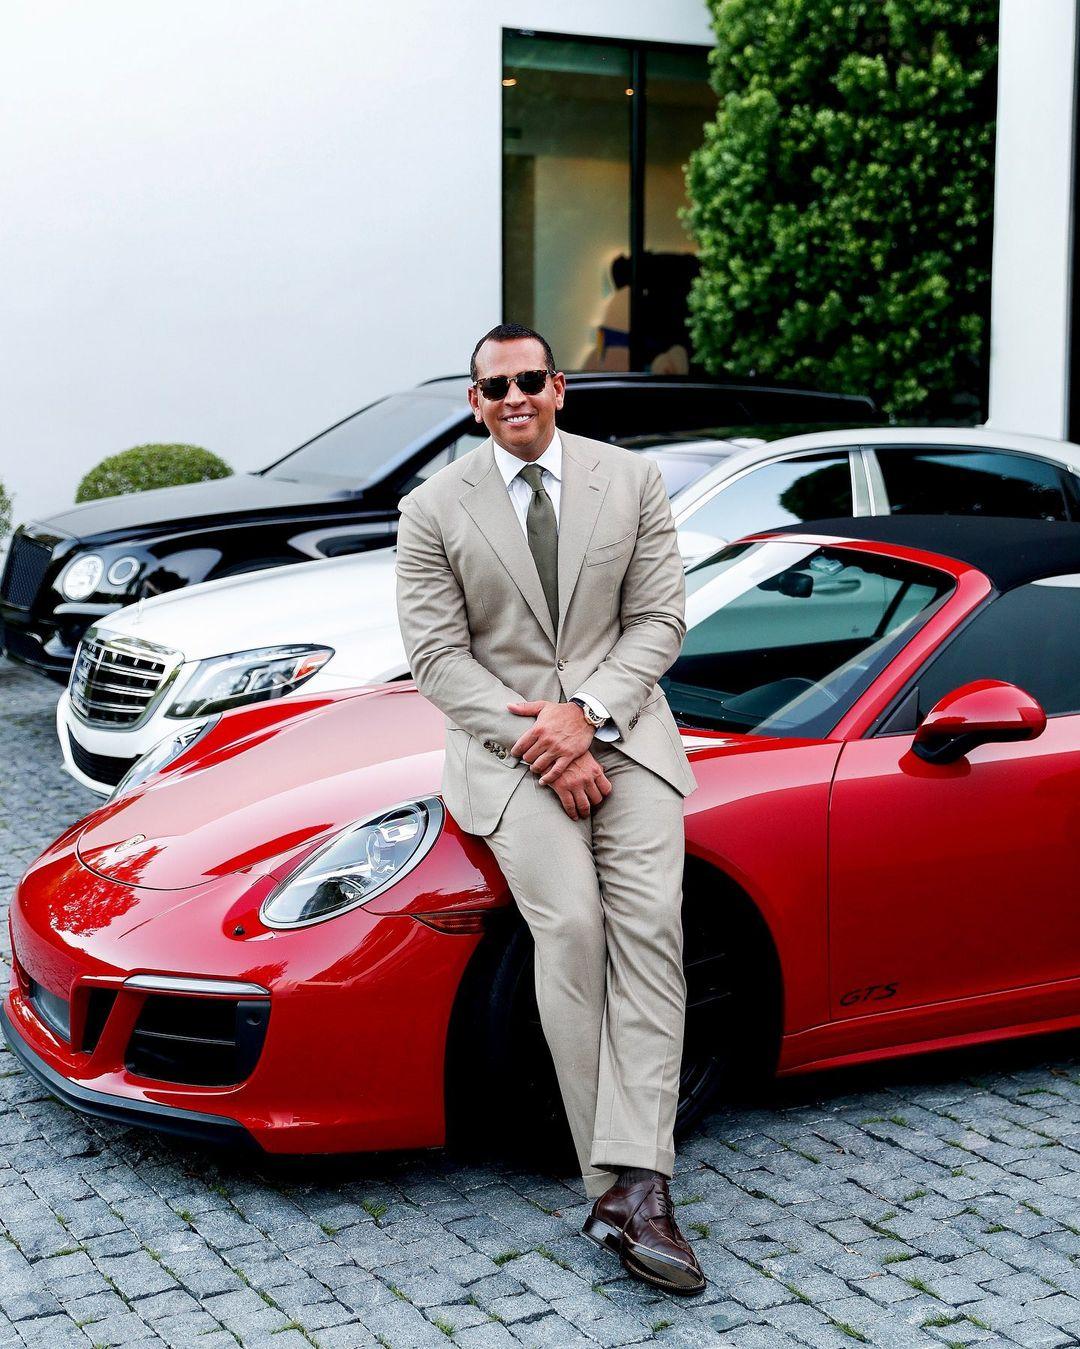 Алекс Родригес сфотографировался на фоне машины, которую подарил Дженнифер Лопес-Фото 1